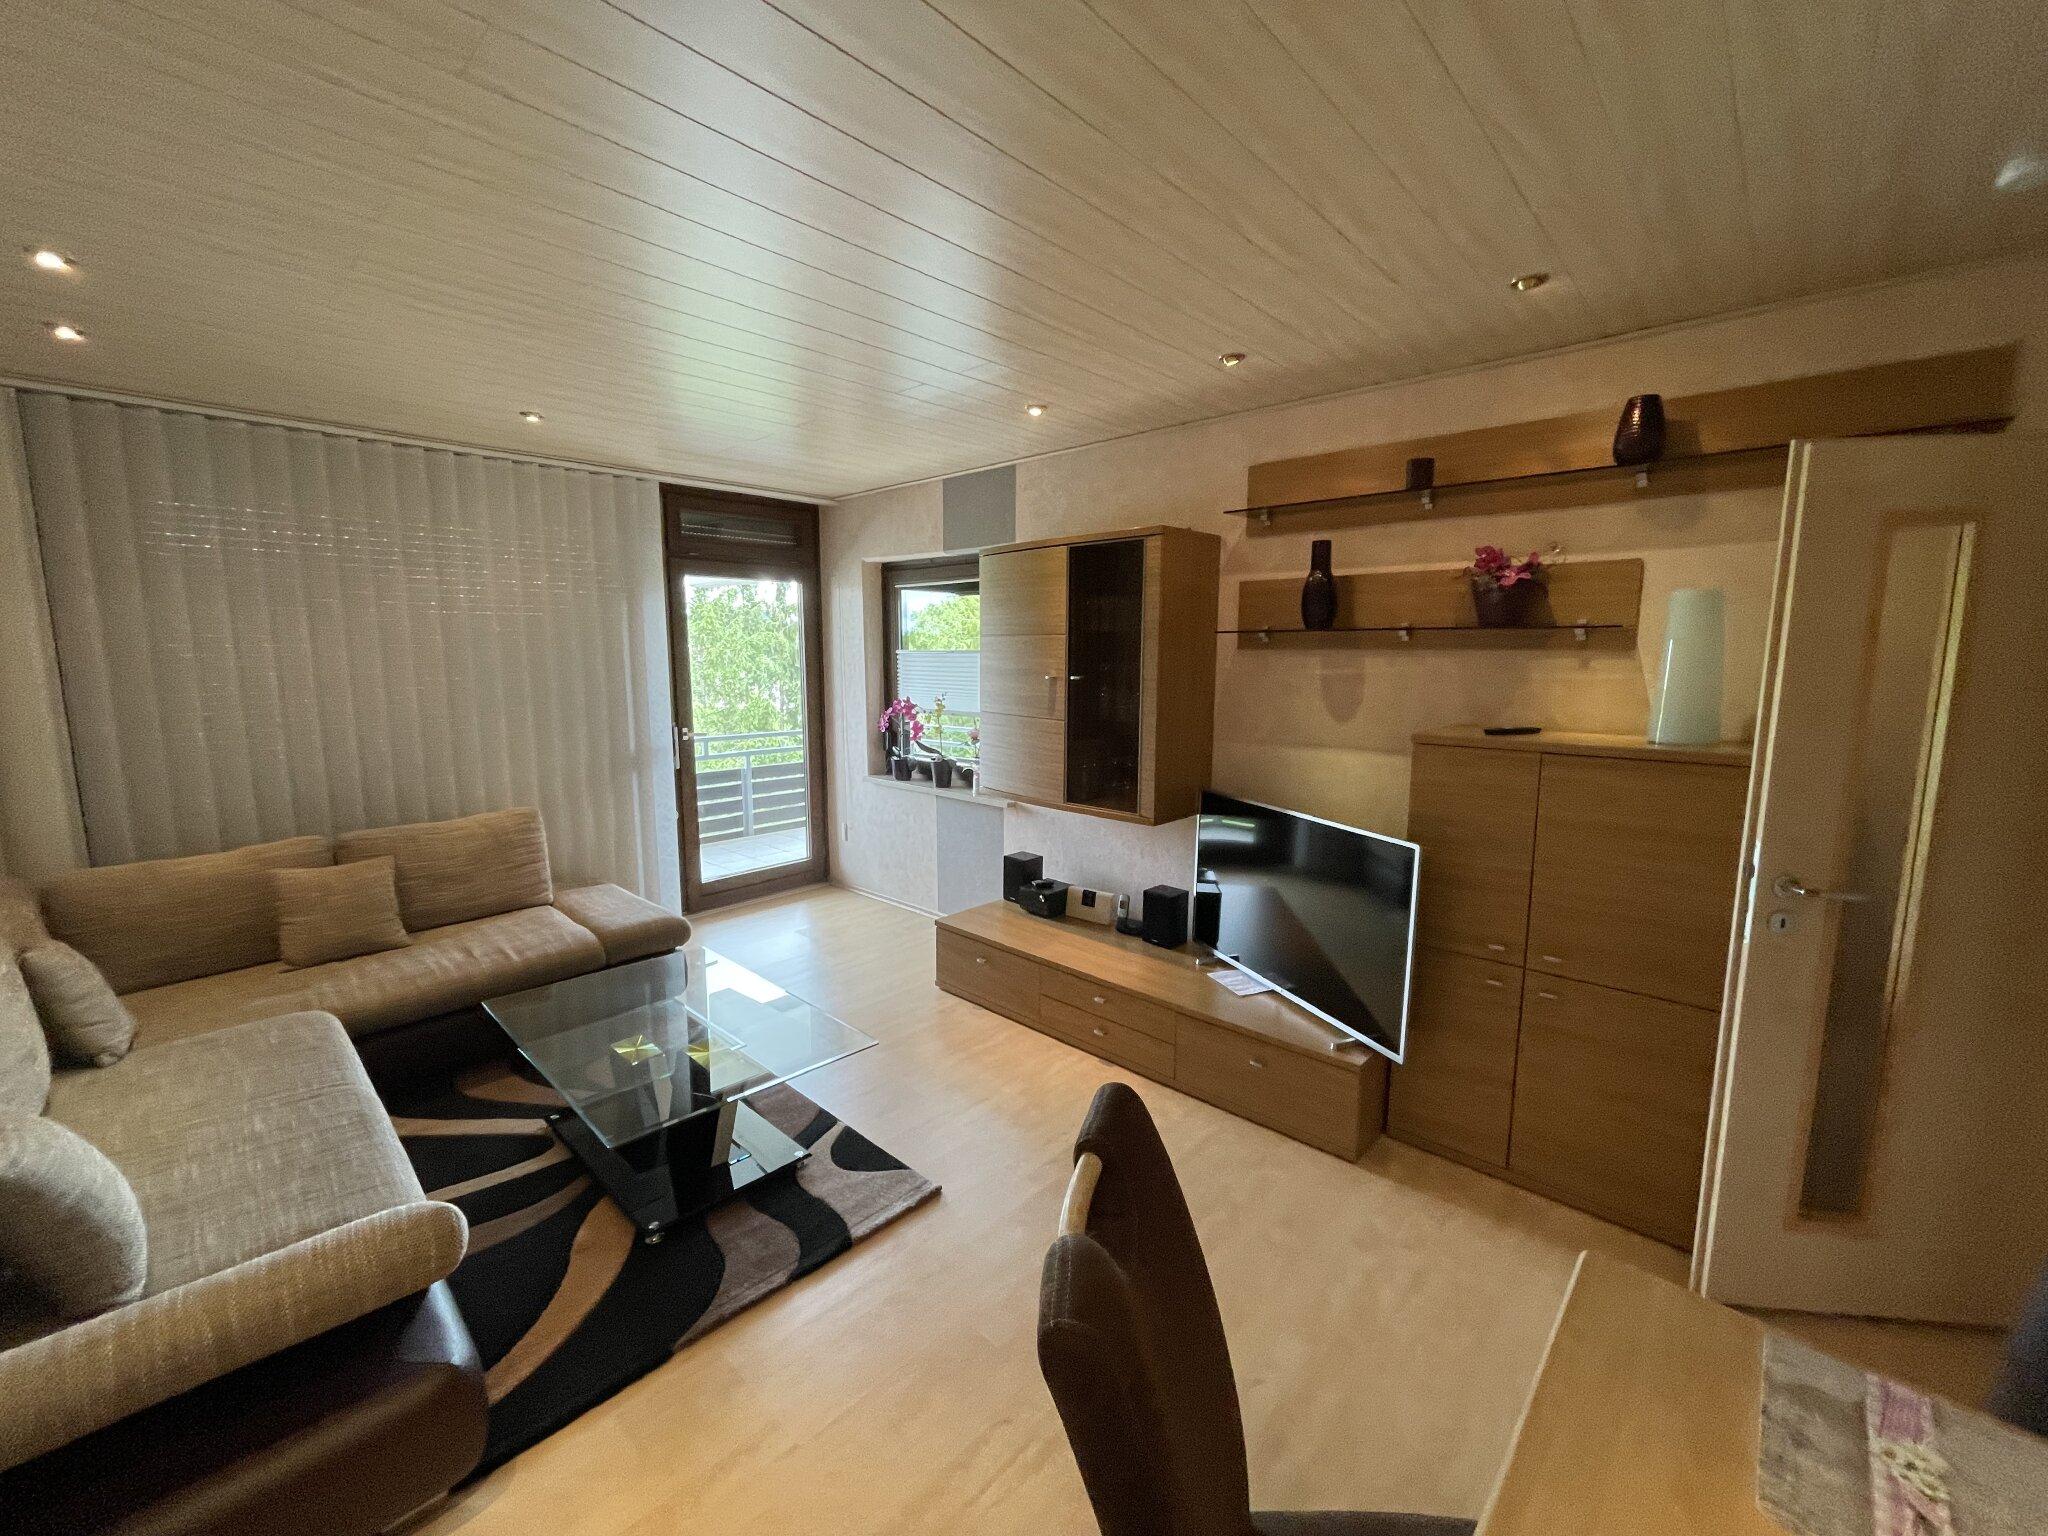 Wohnzimmer mit Laminat und Holzdecke